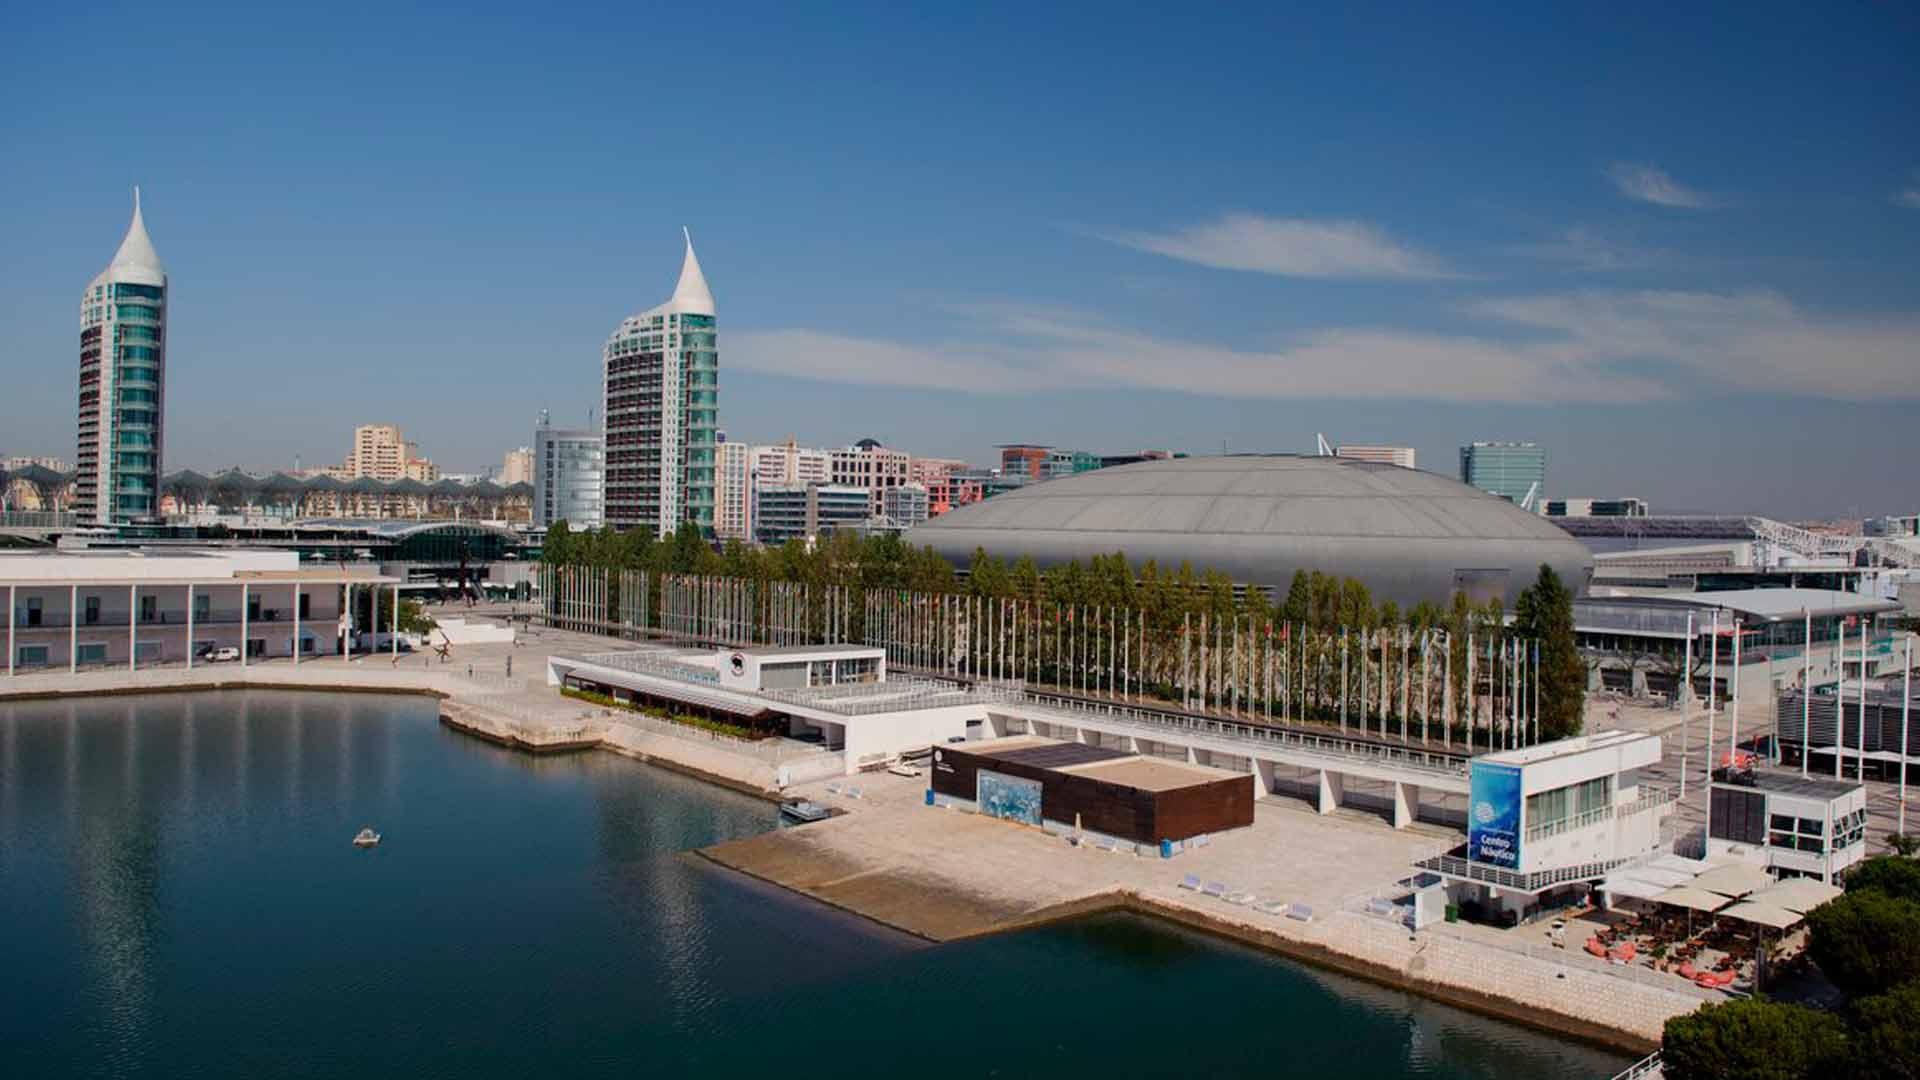 Visitar o Parque das Nações é uma das dicas do que fazer em Lisboa